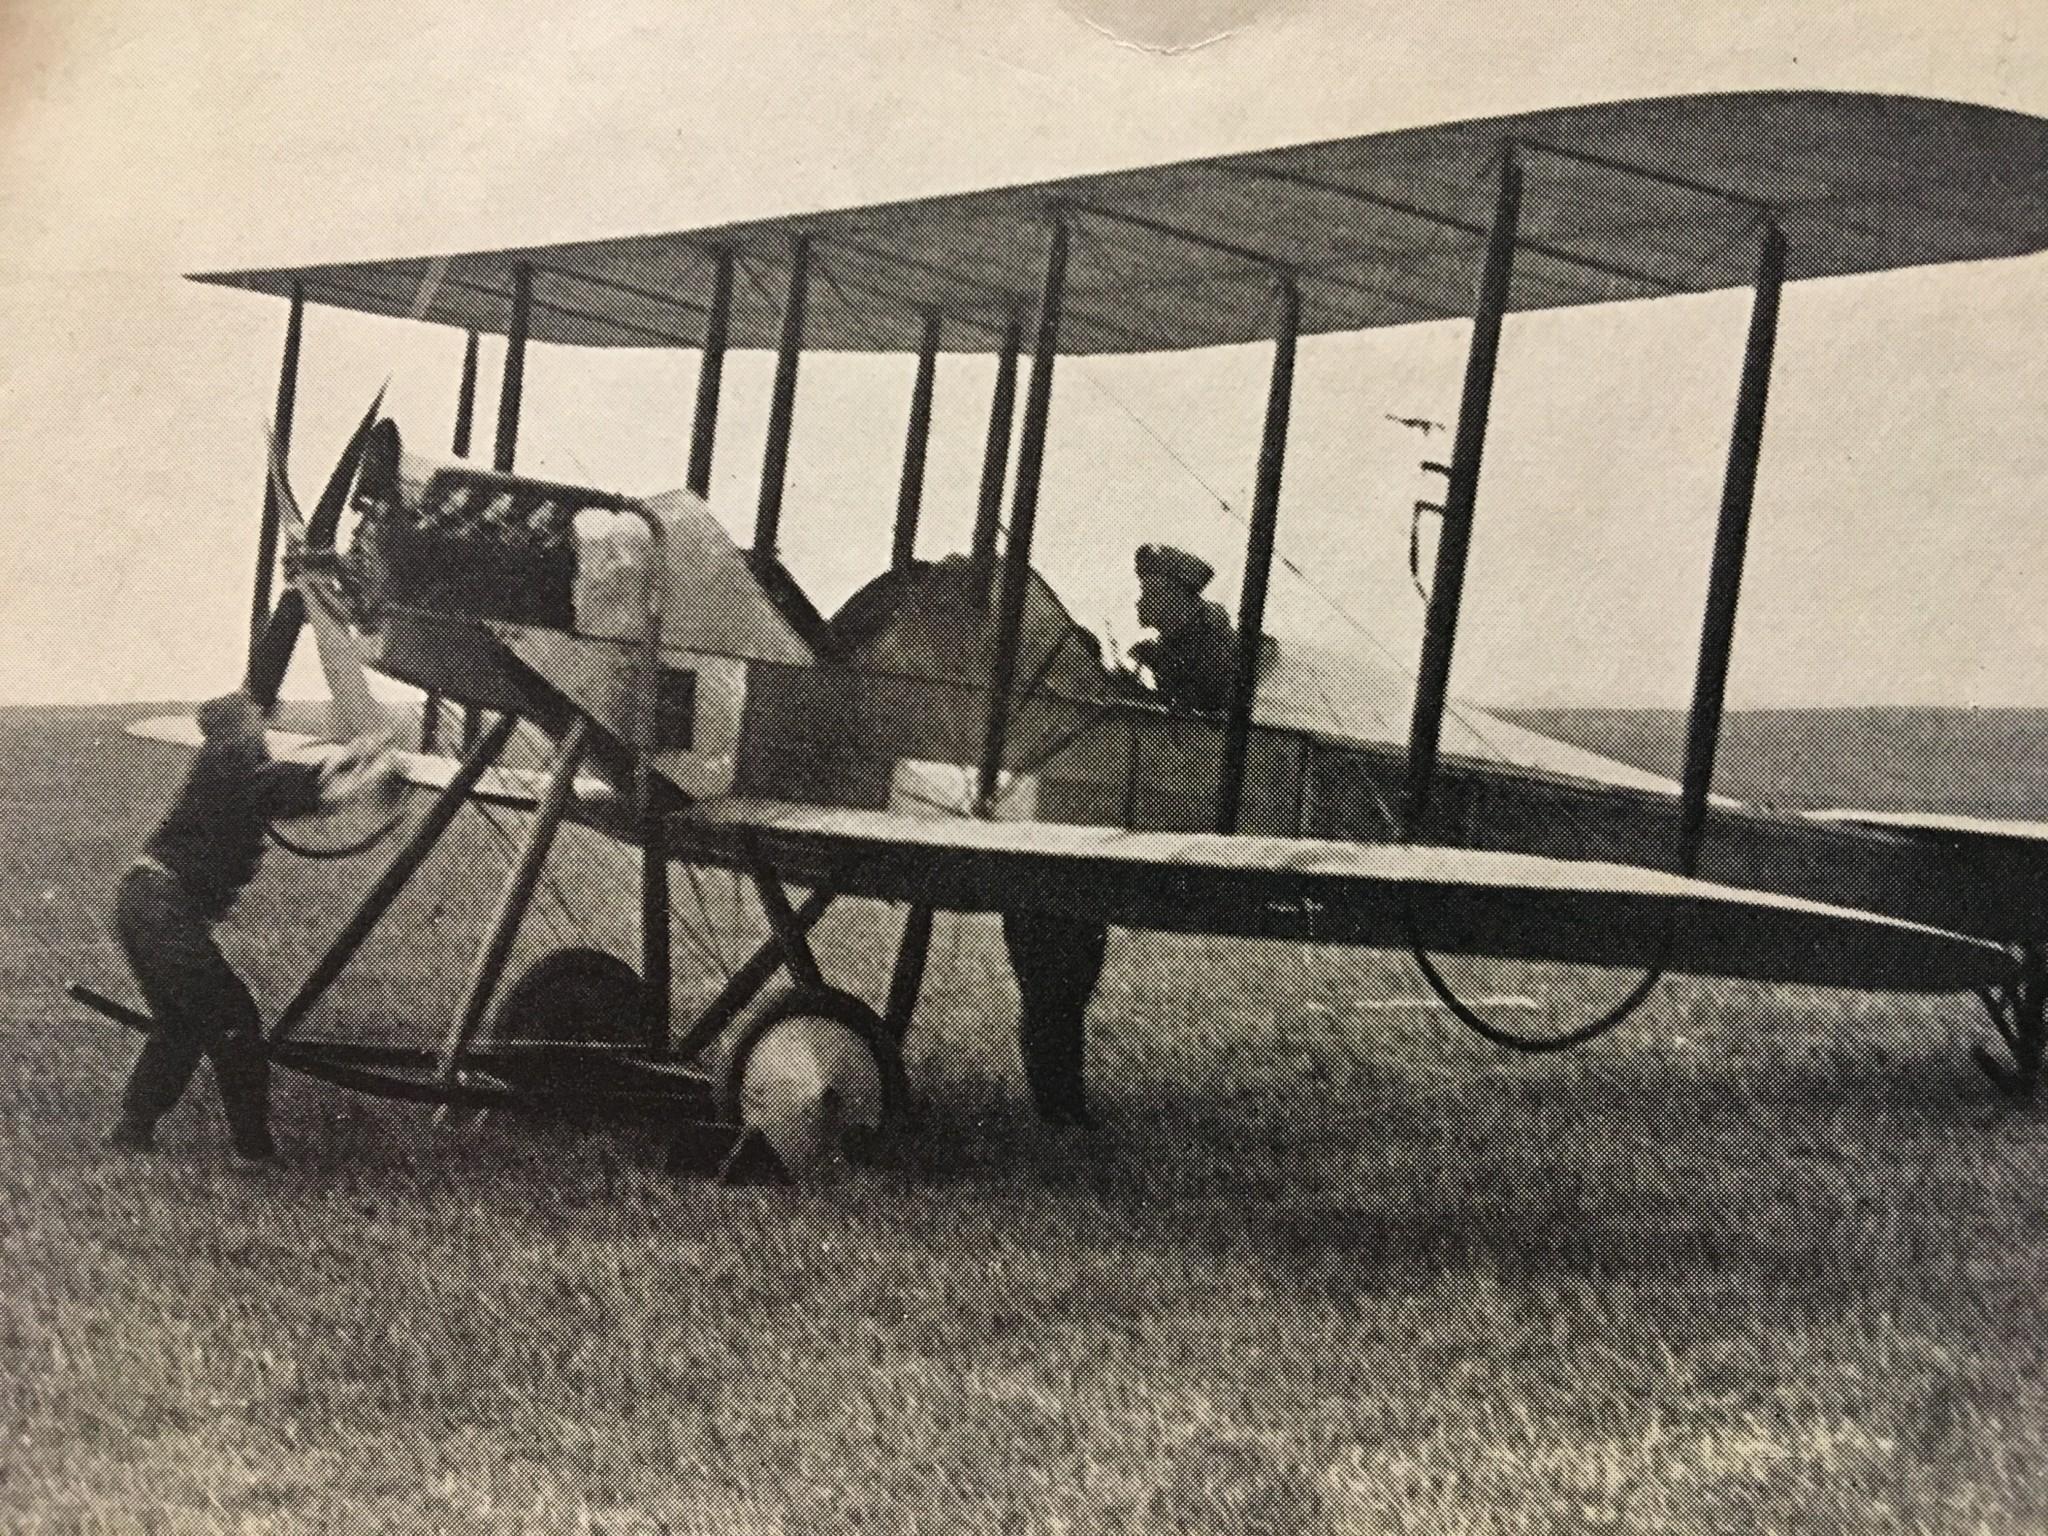 Image of Aircraft Altimeter by Negretti & Zambra c1911